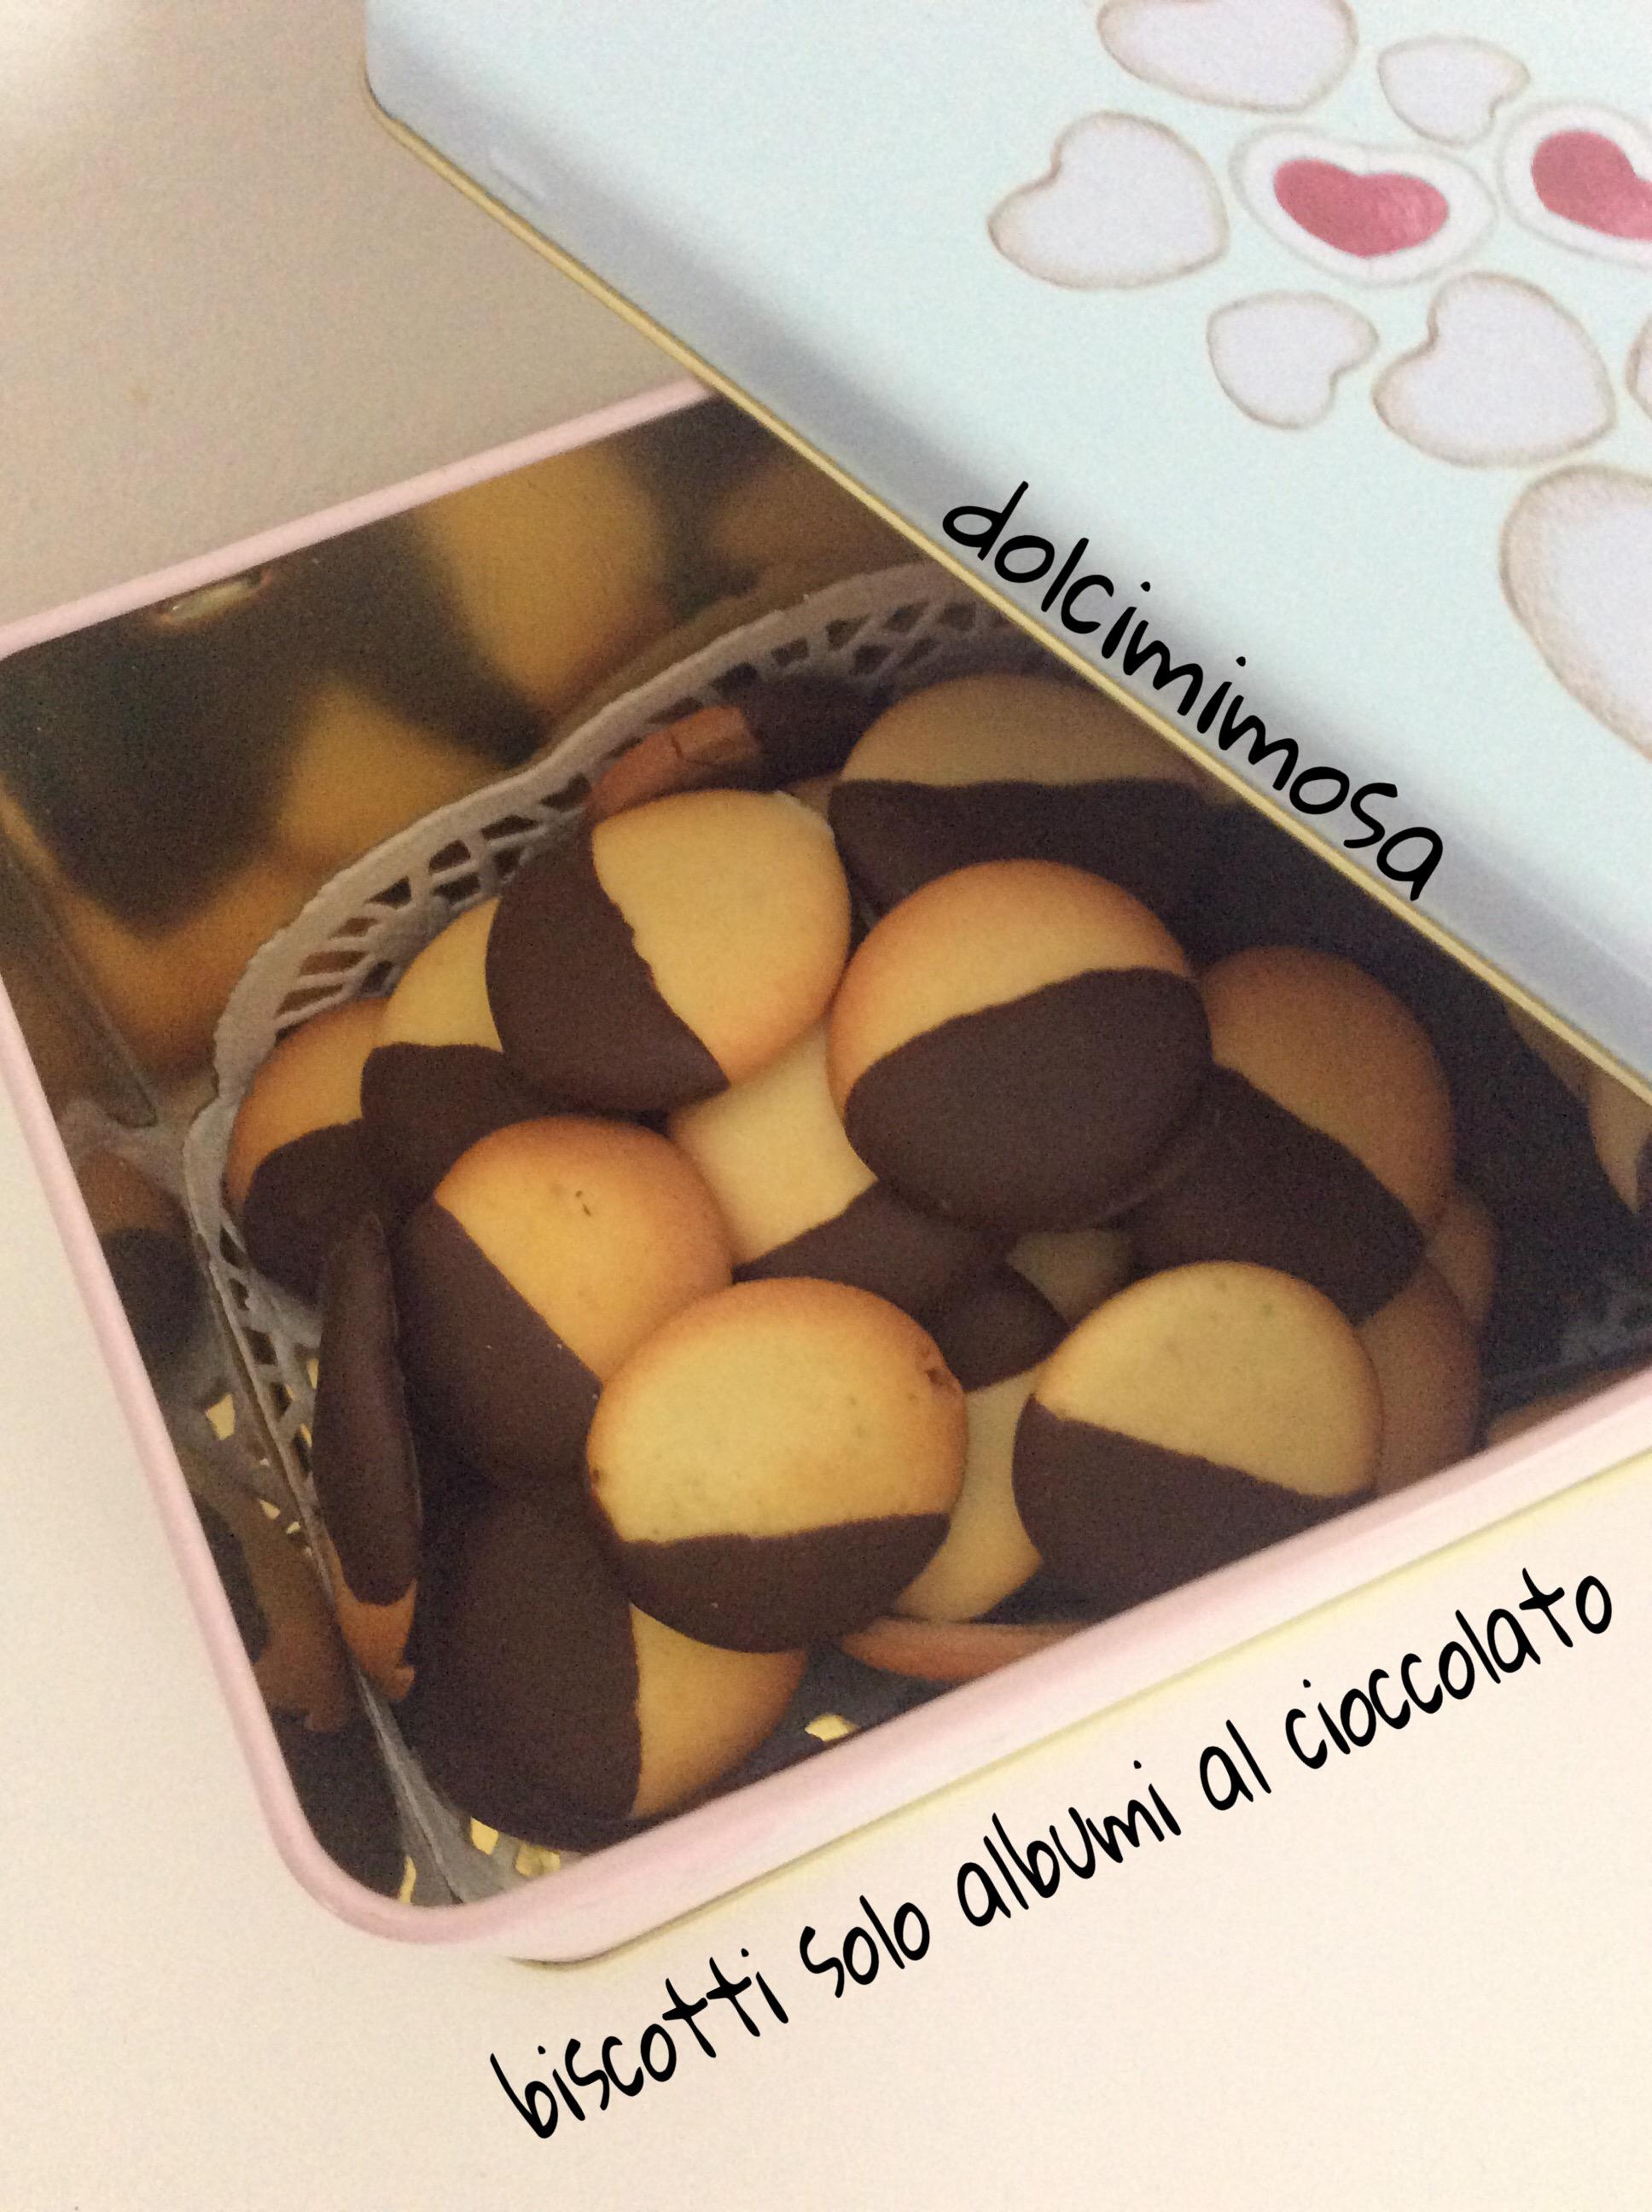 Biscotti solo albumi al cioccolato